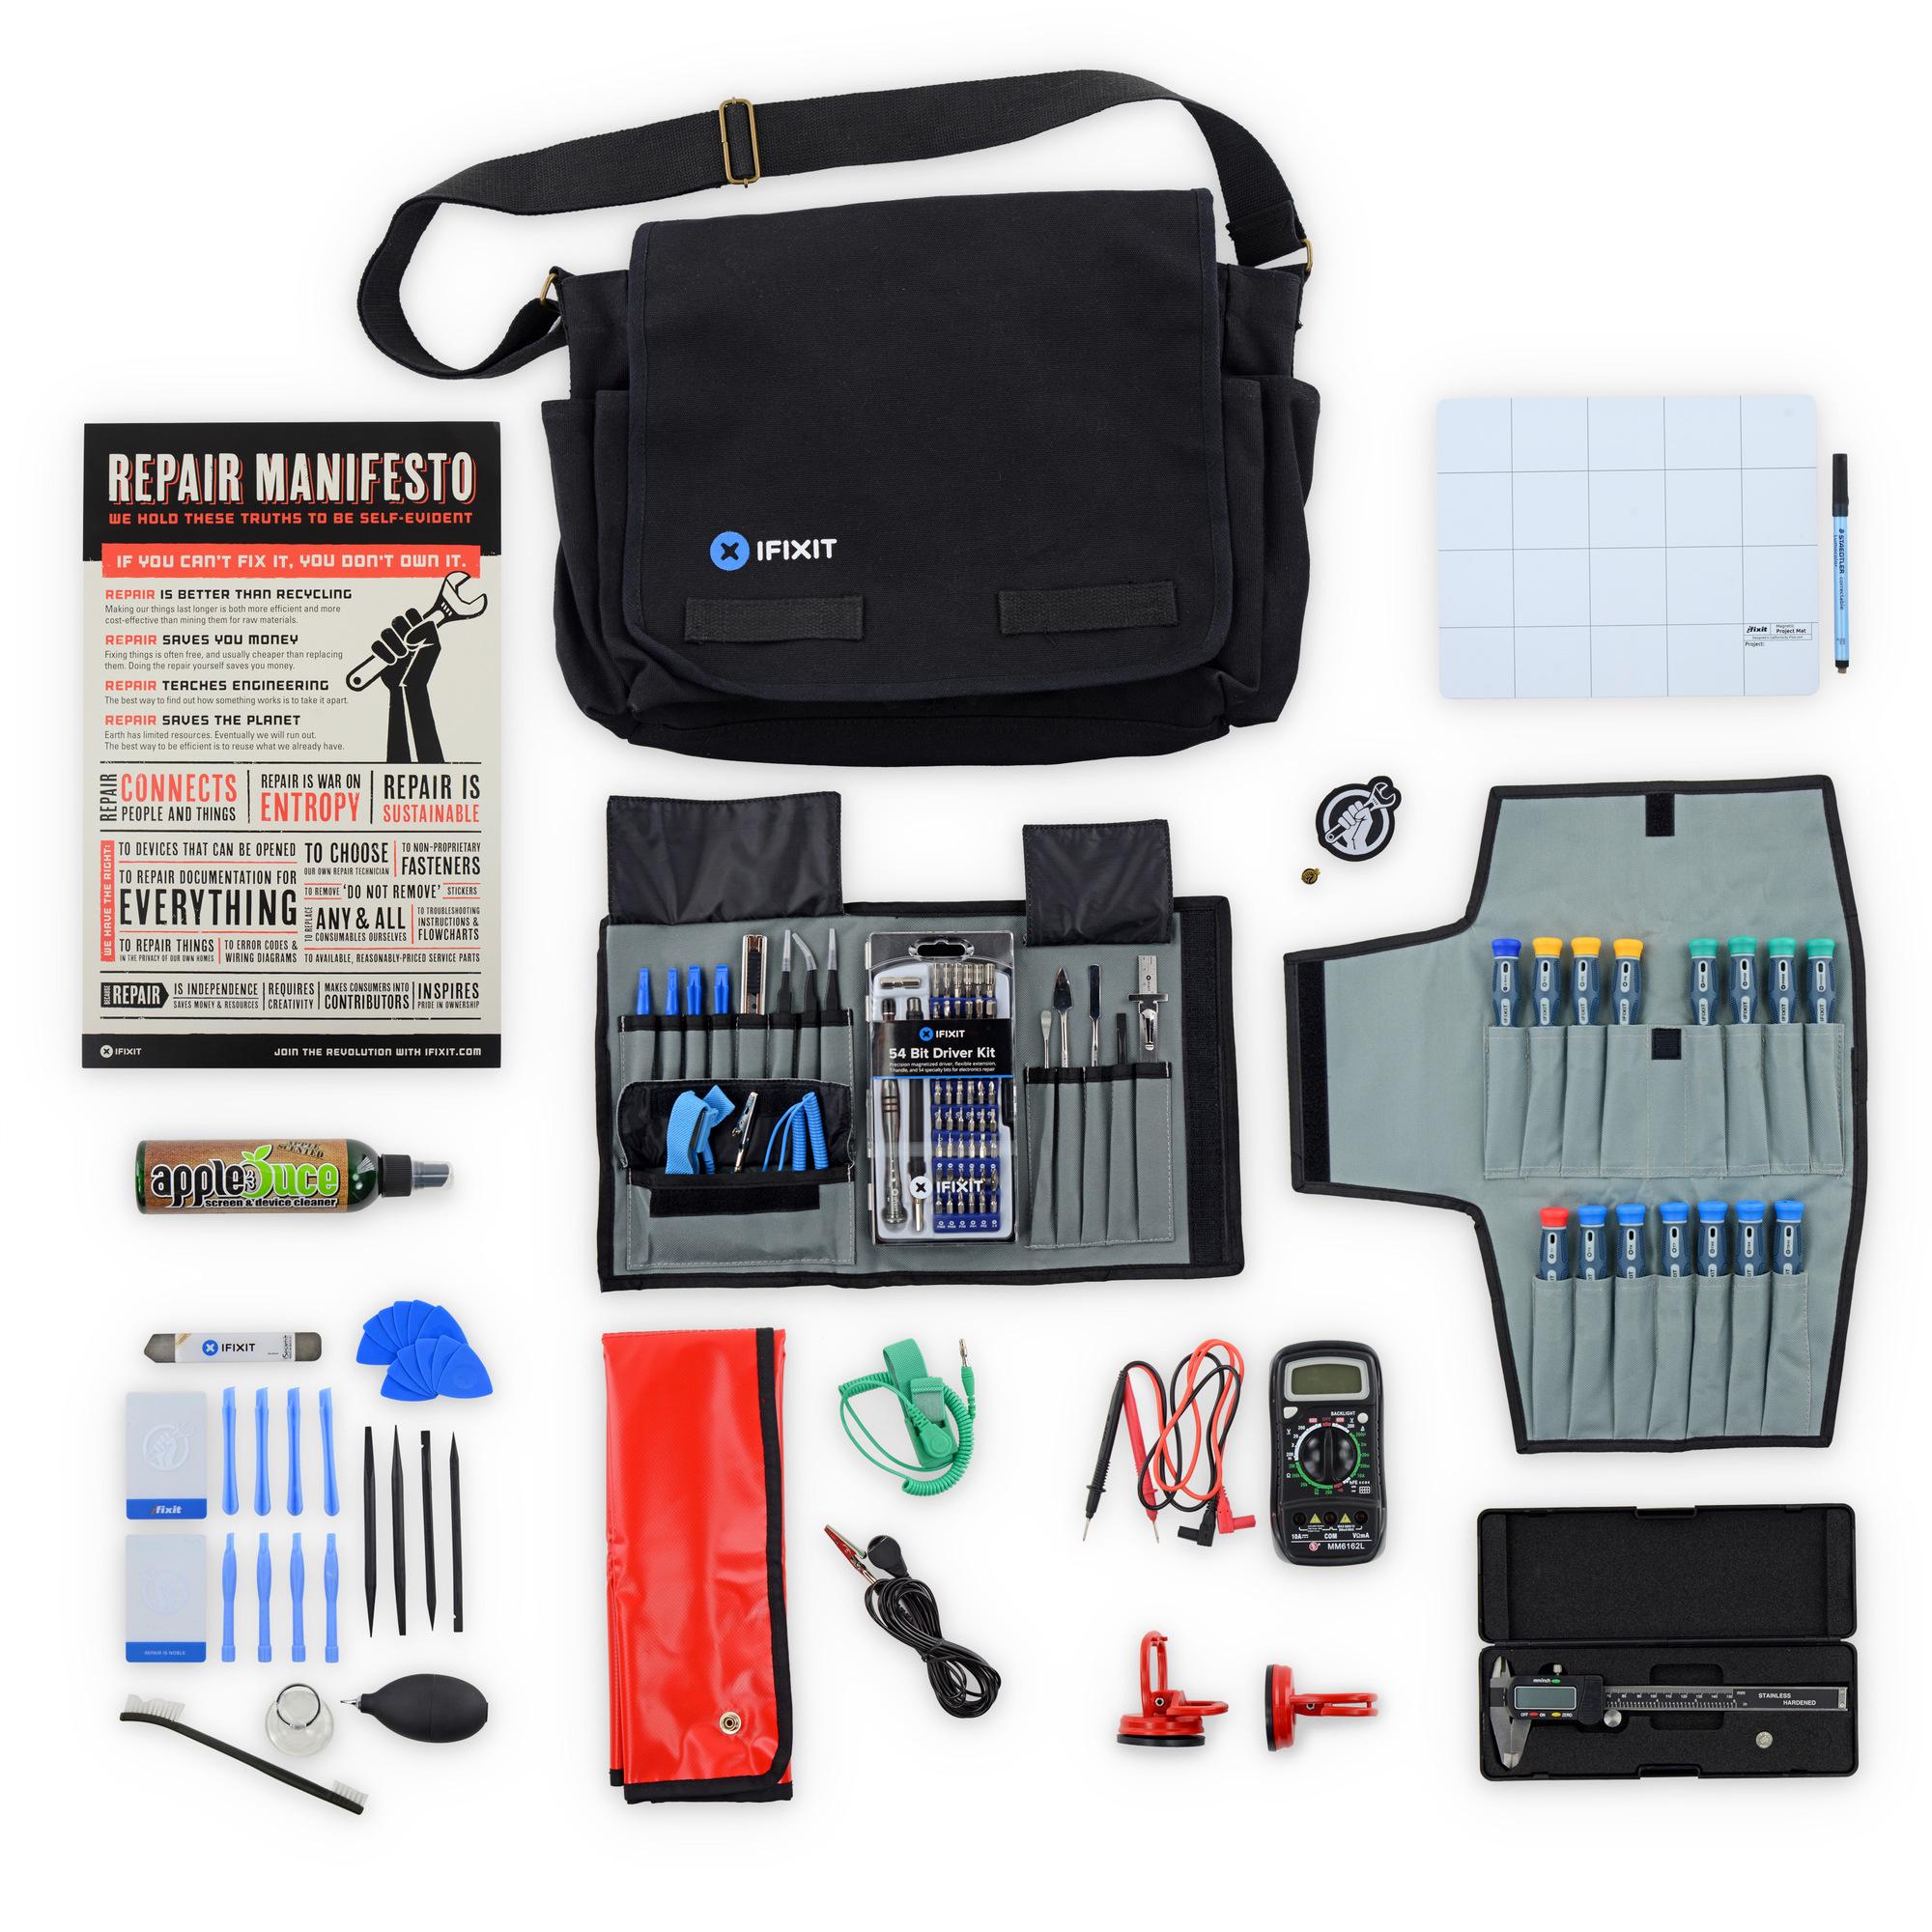 Repair Business Toolkit : Sac d'outils pour réparer les objets électroniques